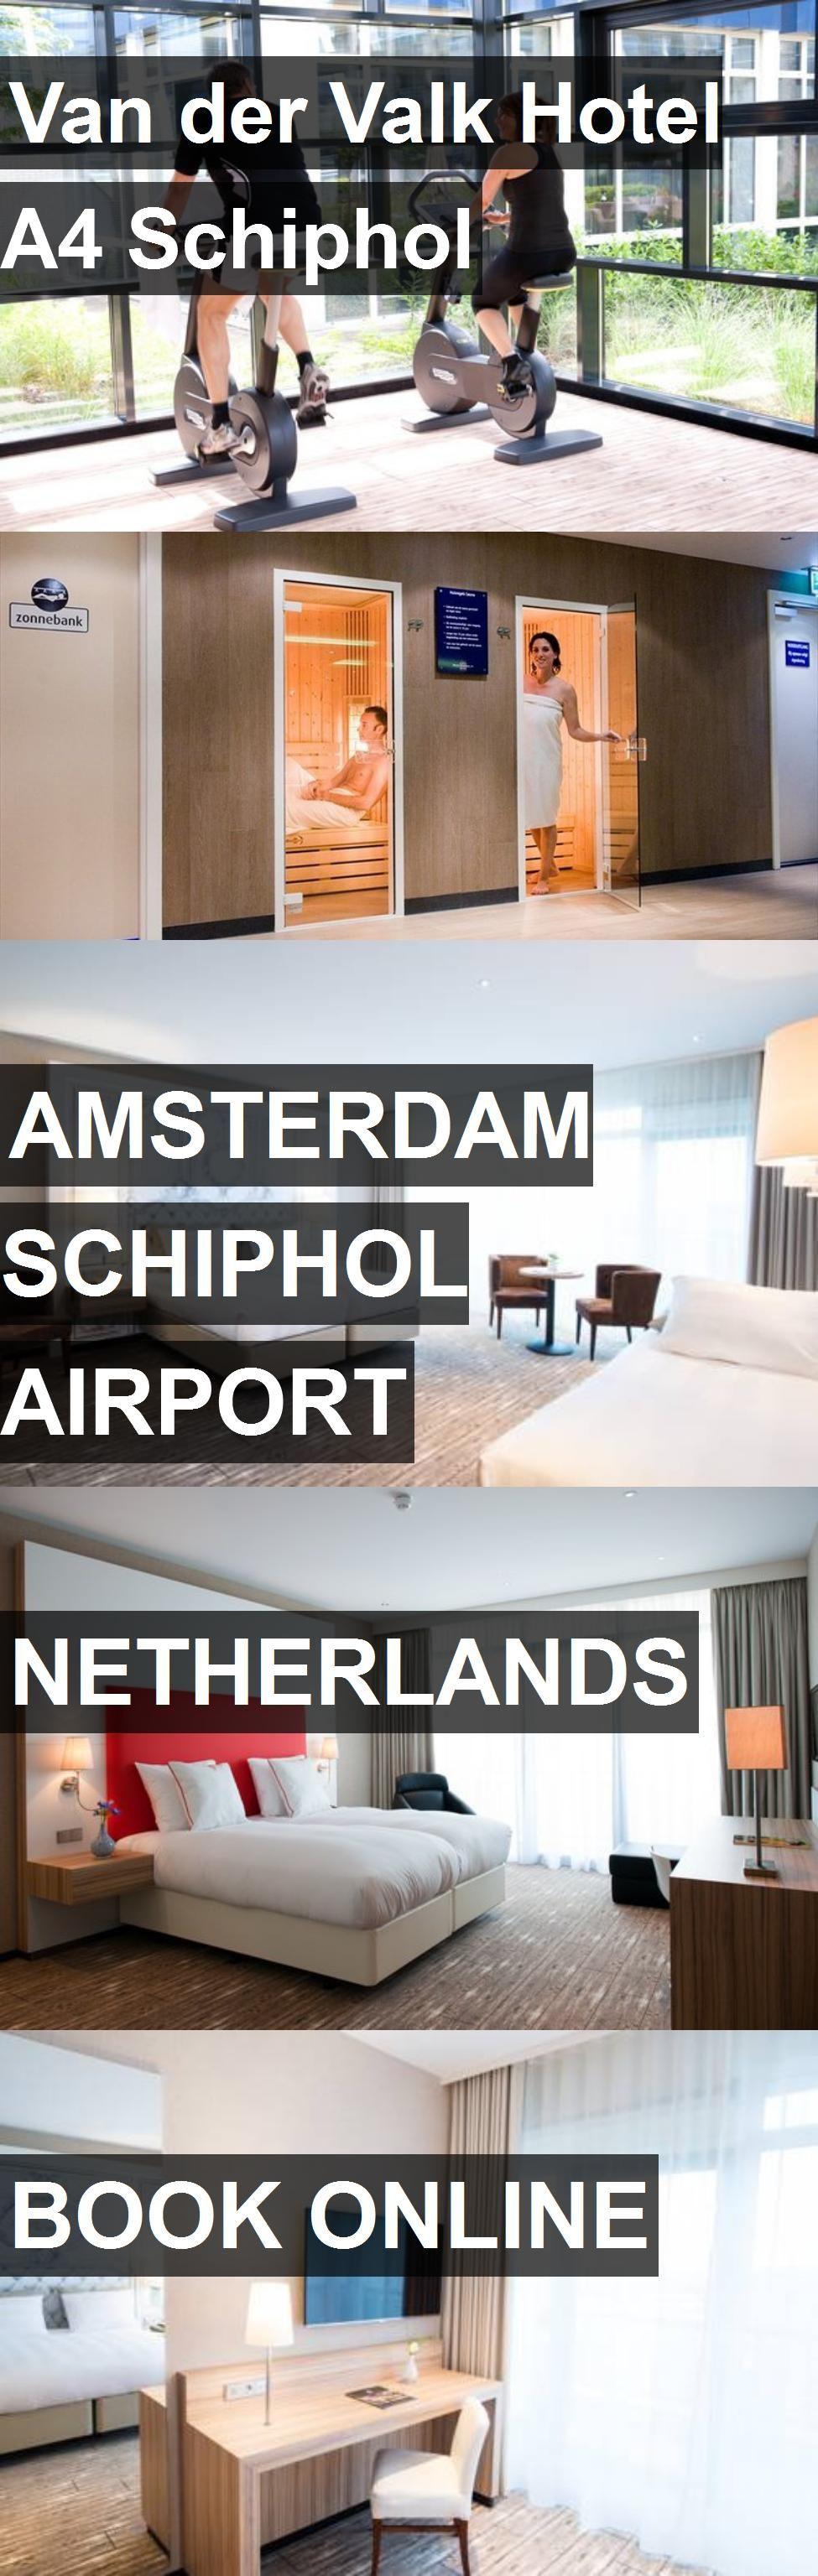 Van der Valk Hotel A4 Schiphol in Amsterdam Schiphol